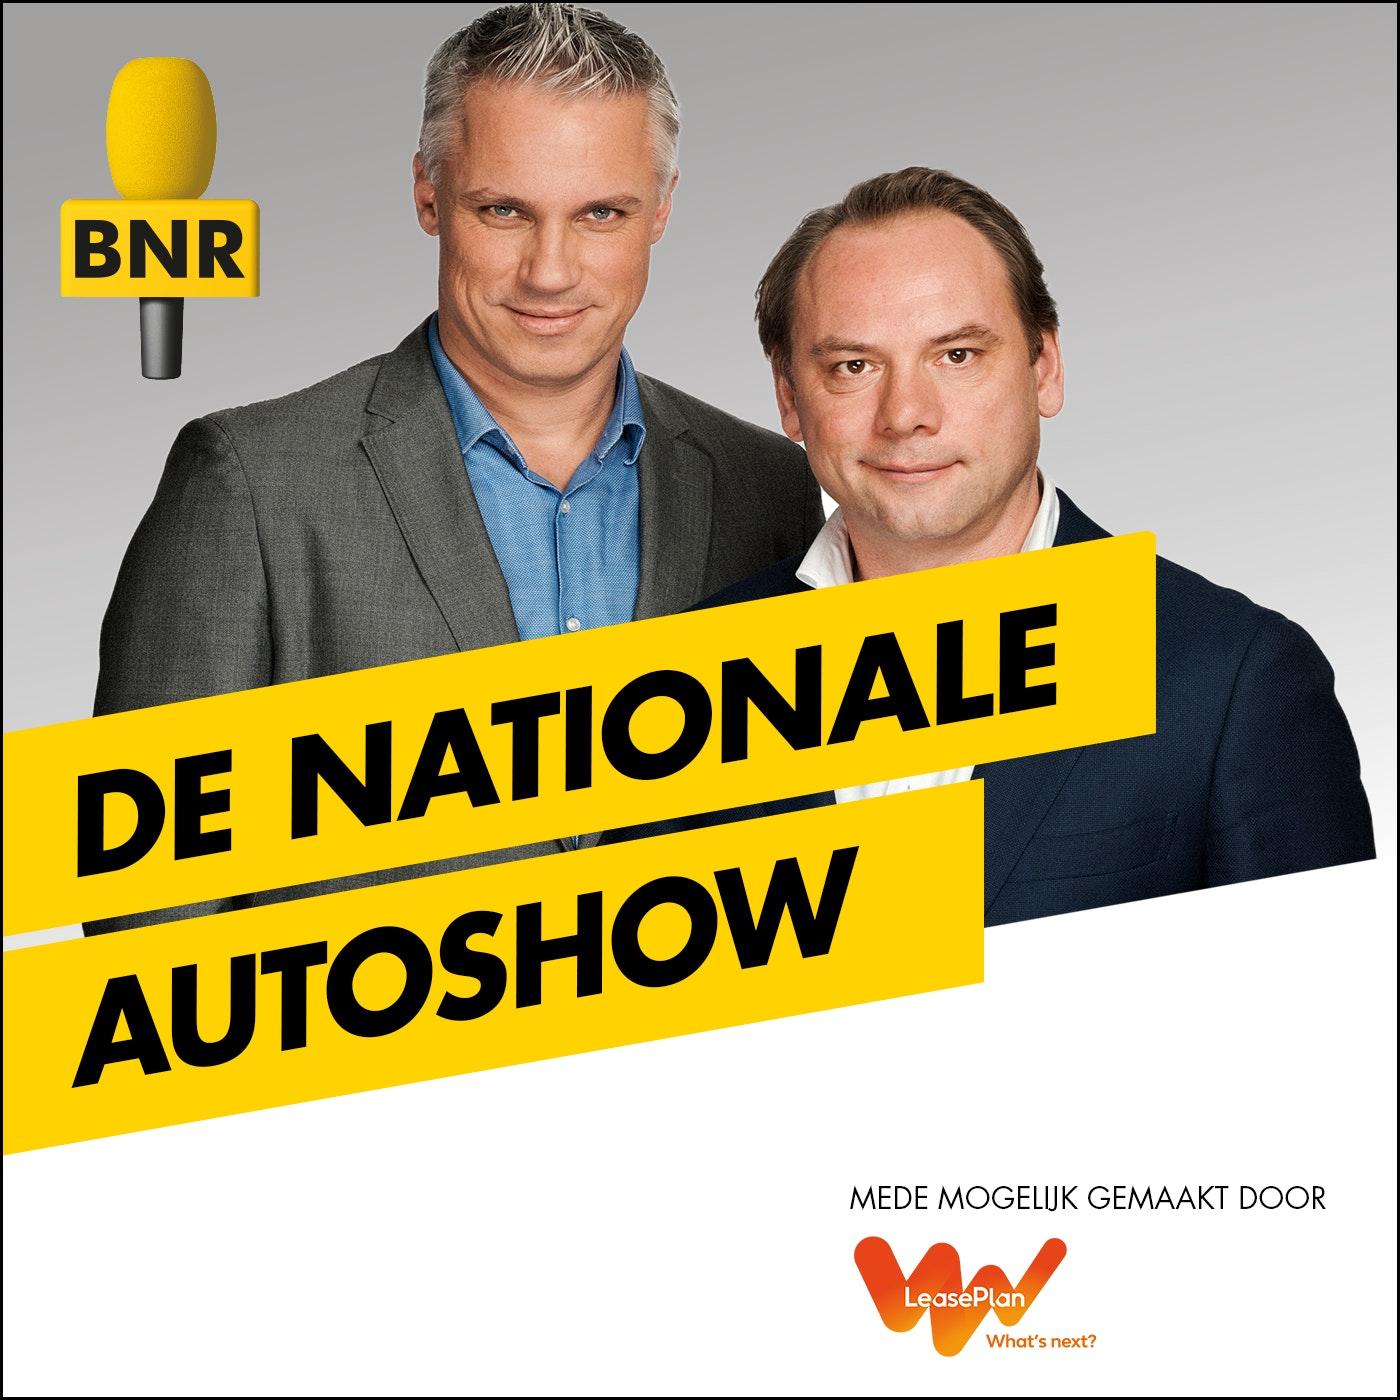 De Nationale Autoshow   BNR logo